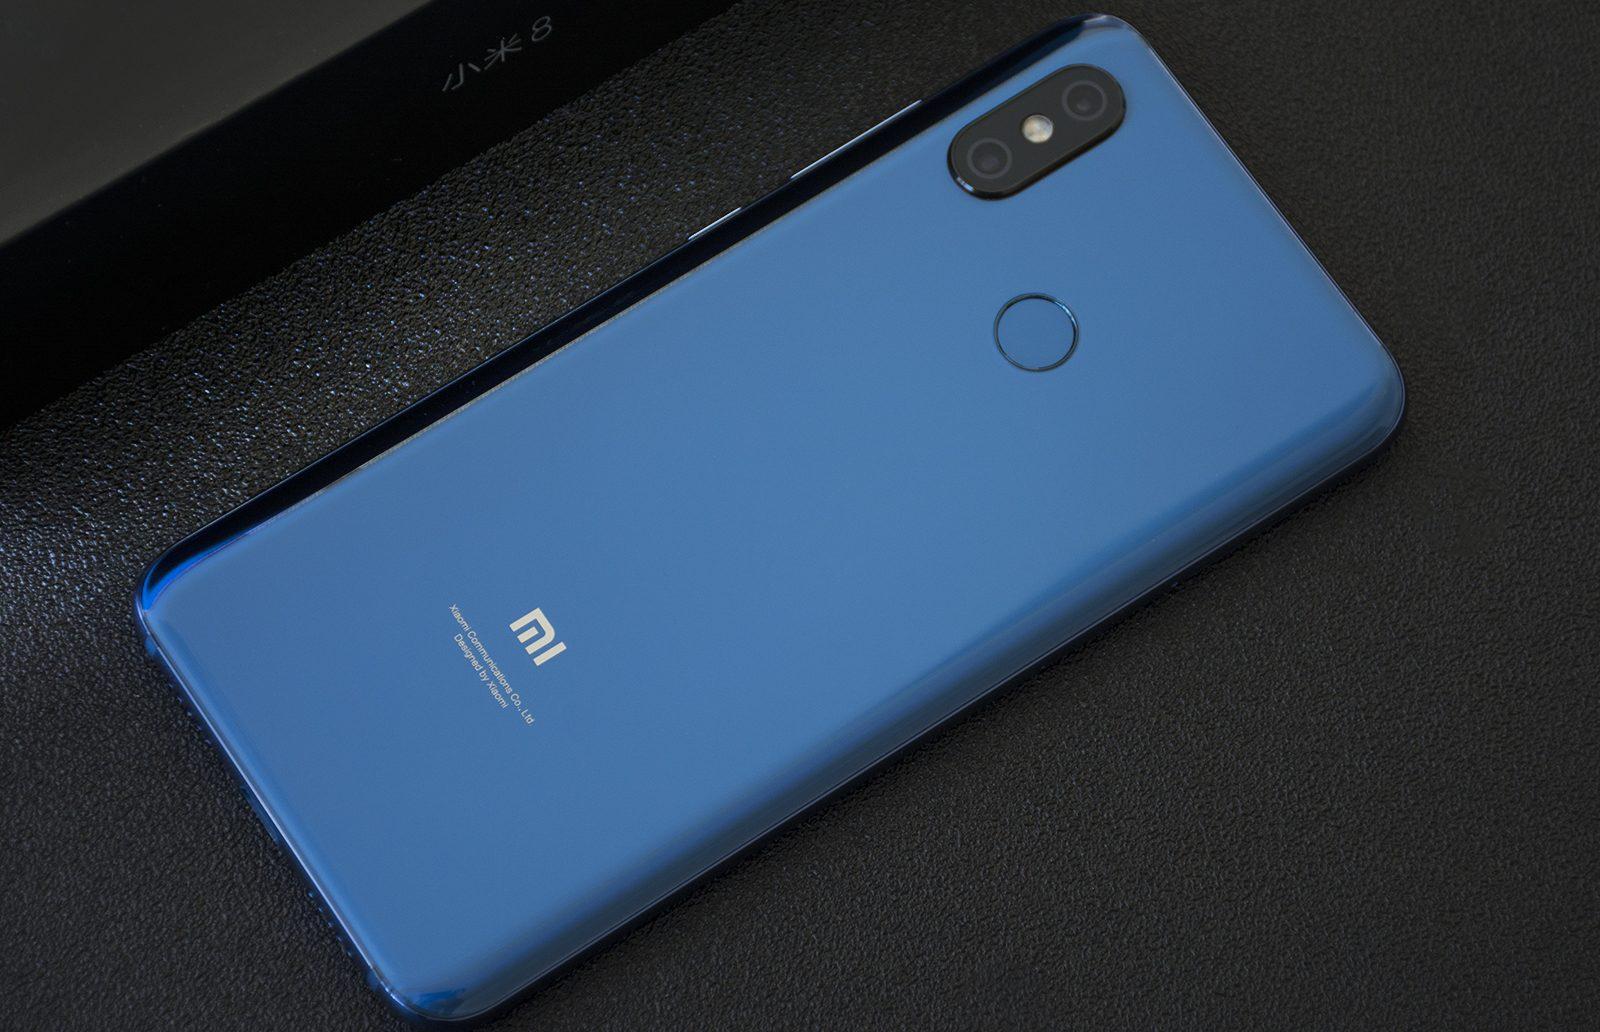 El Xiaomi Mi 8 es Smartphone más económico